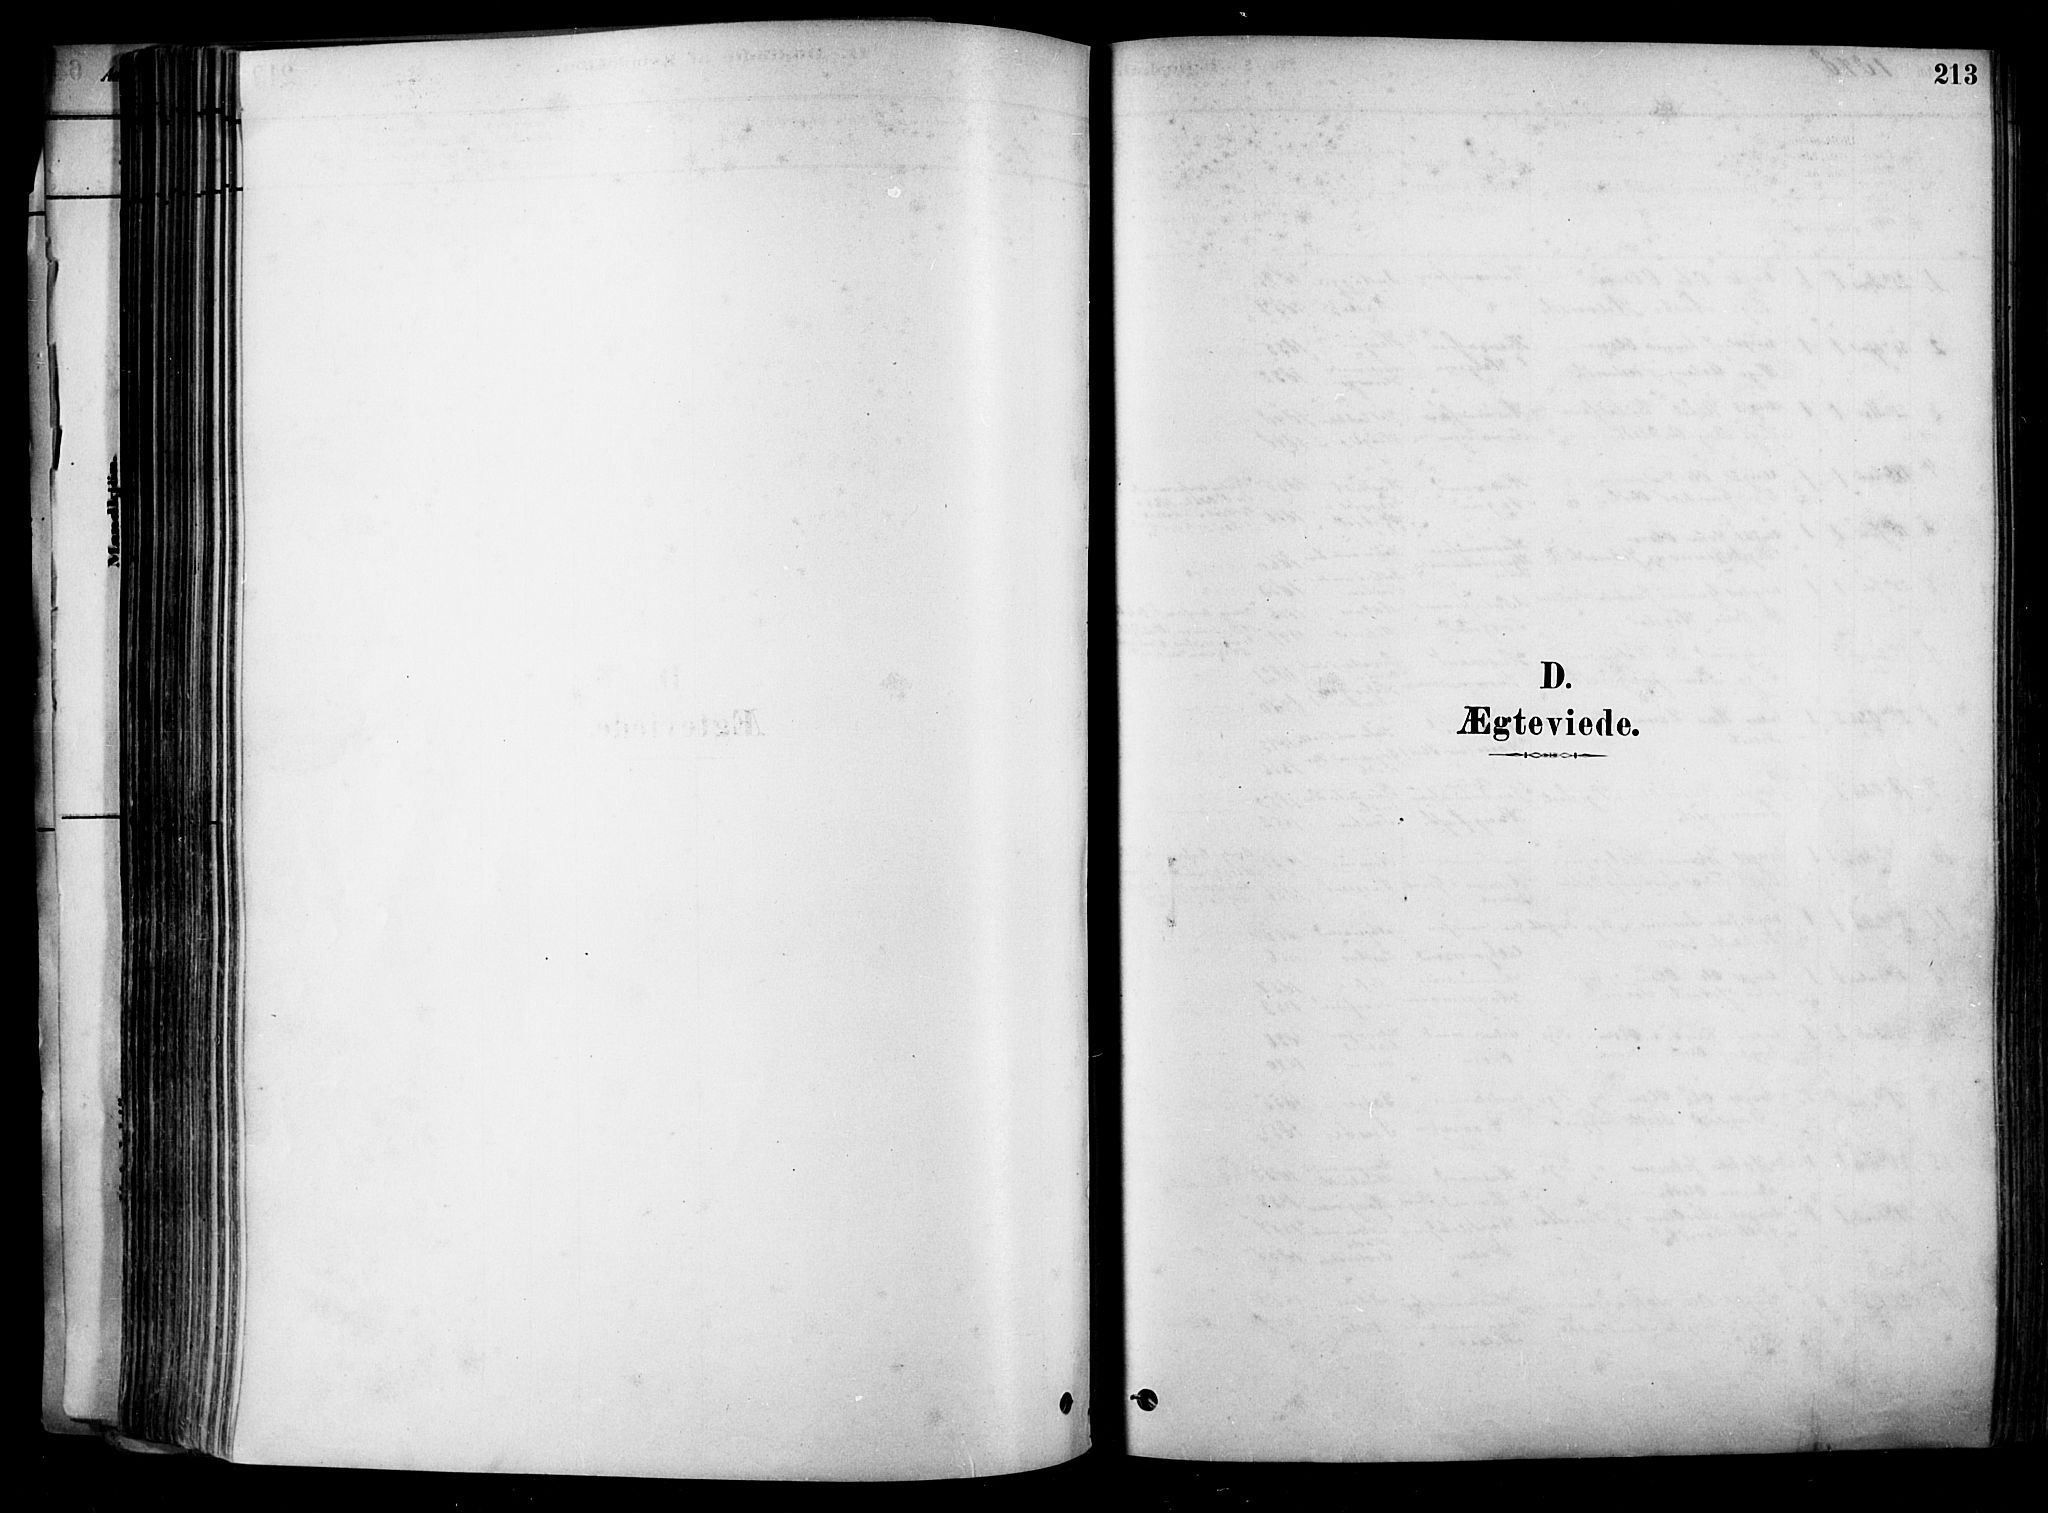 SAKO, Heddal kirkebøker, F/Fa/L0008: Ministerialbok nr. I 8, 1878-1903, s. 213